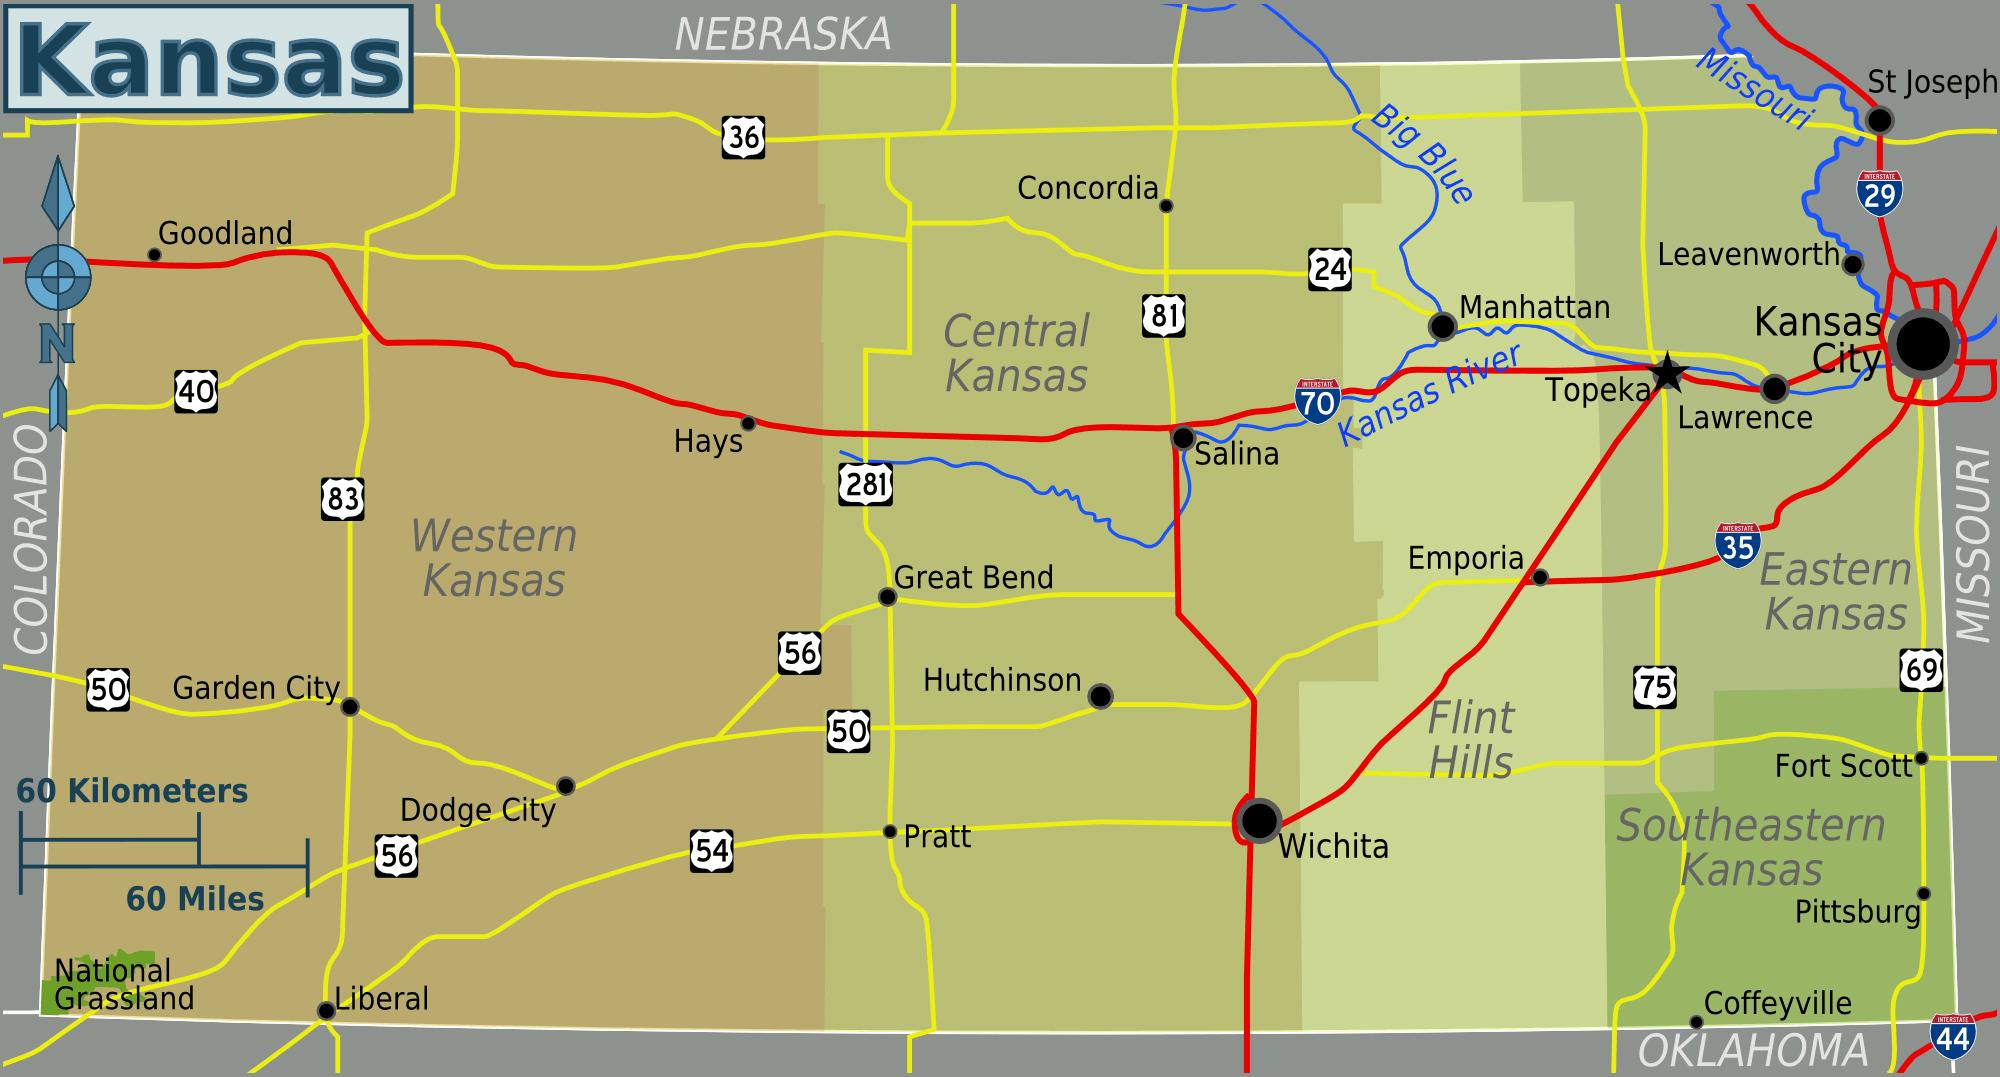 Large Regions Map Of Kansas State Kansas State USA Maps Of - Kansas state map